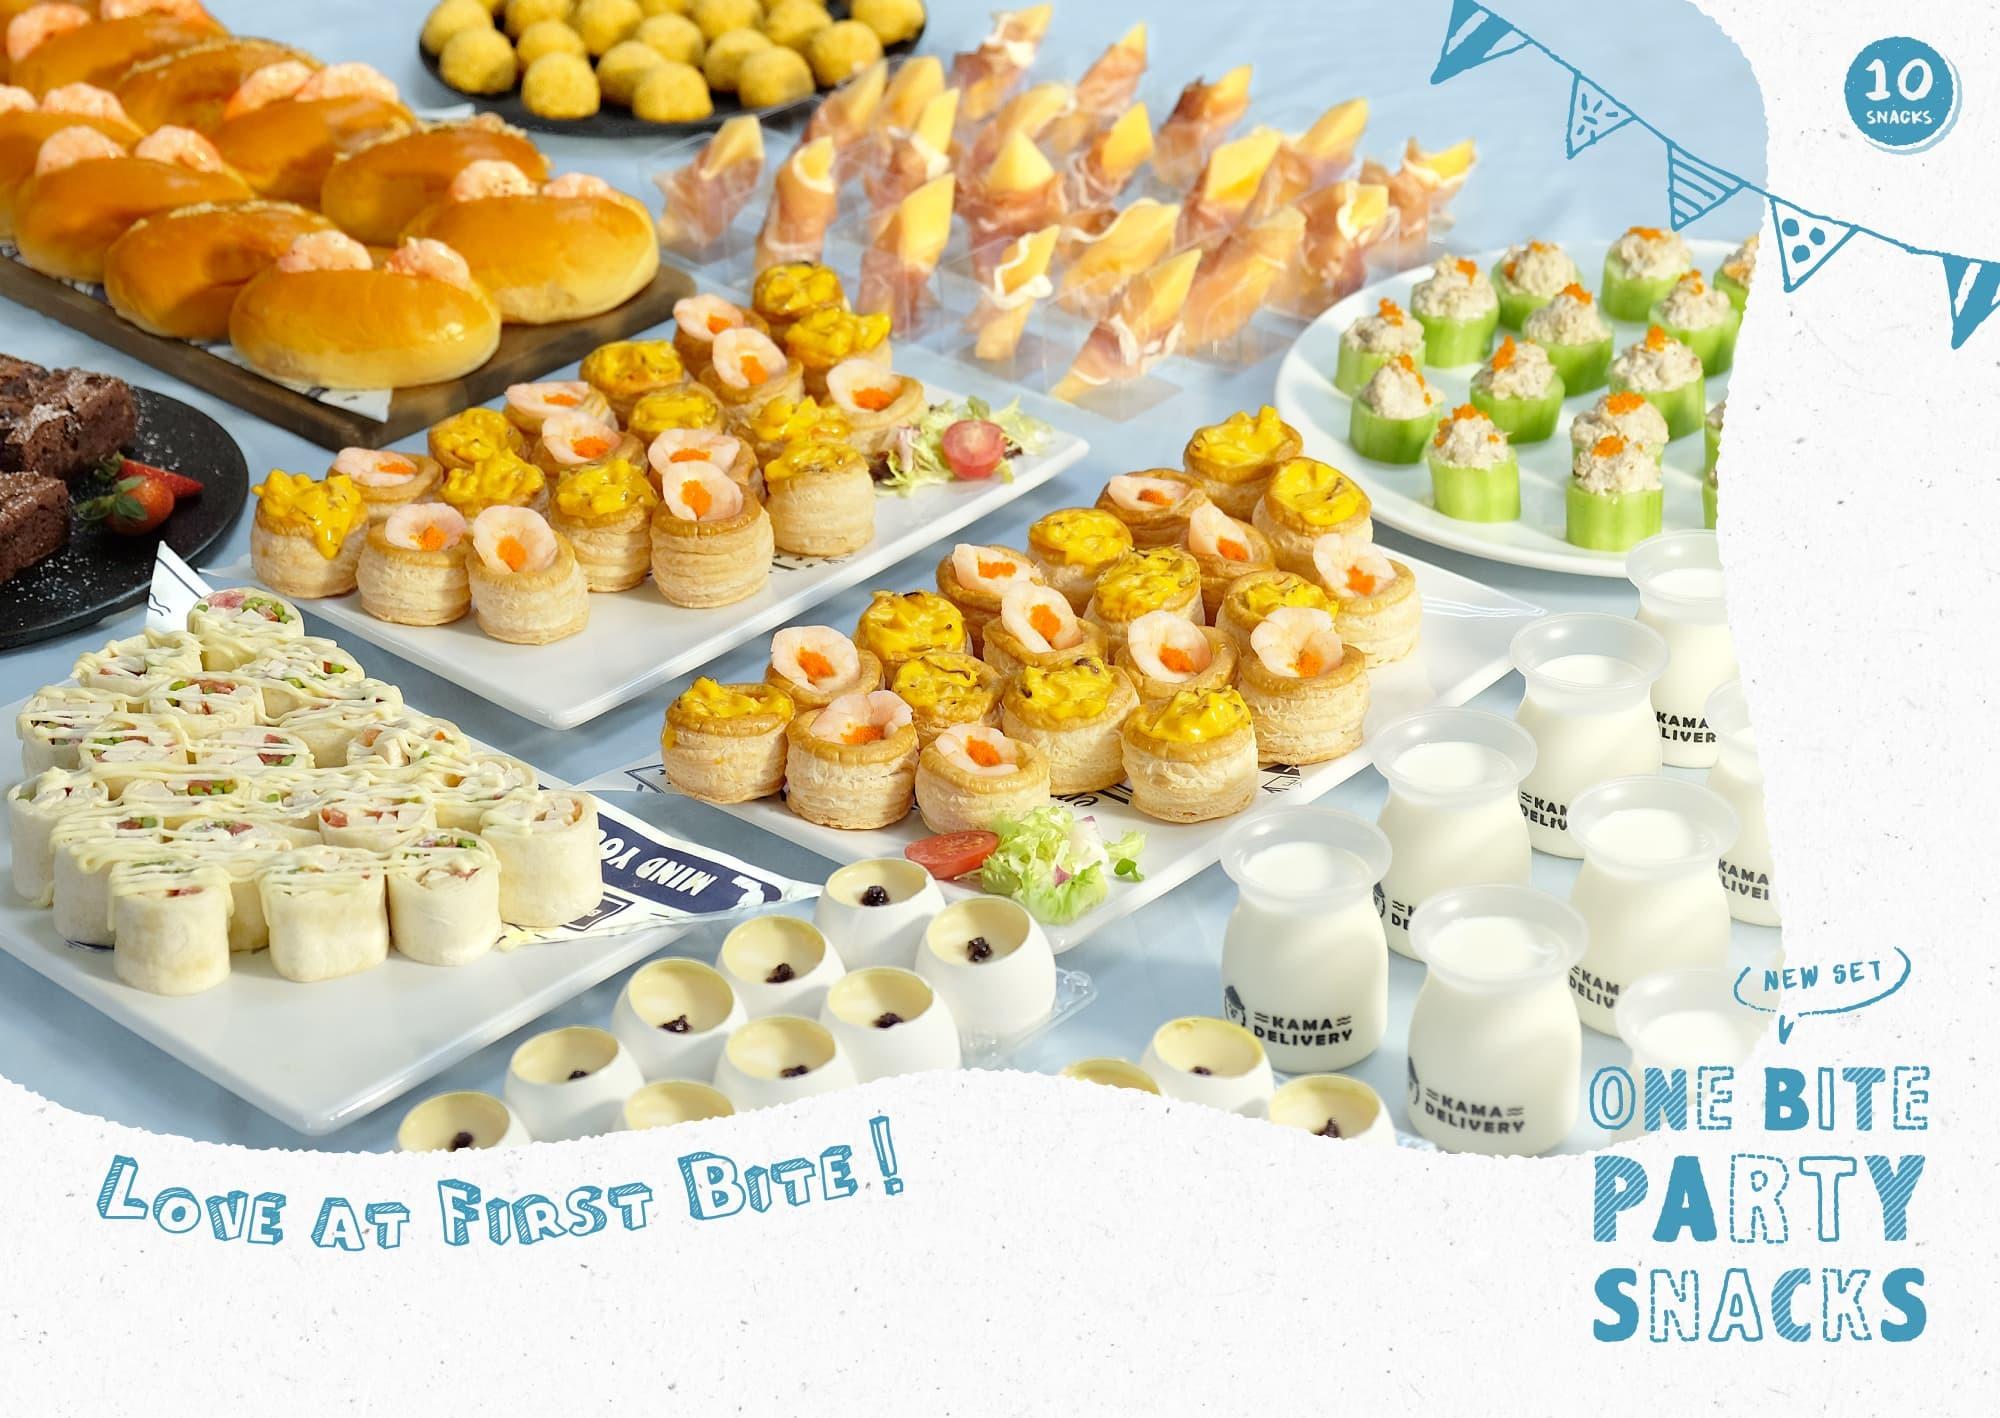 貝沙灣到會外賣推介|Kama Delivery擁有多年到會外賣經驗|設有多人套餐及單點食品供訂購